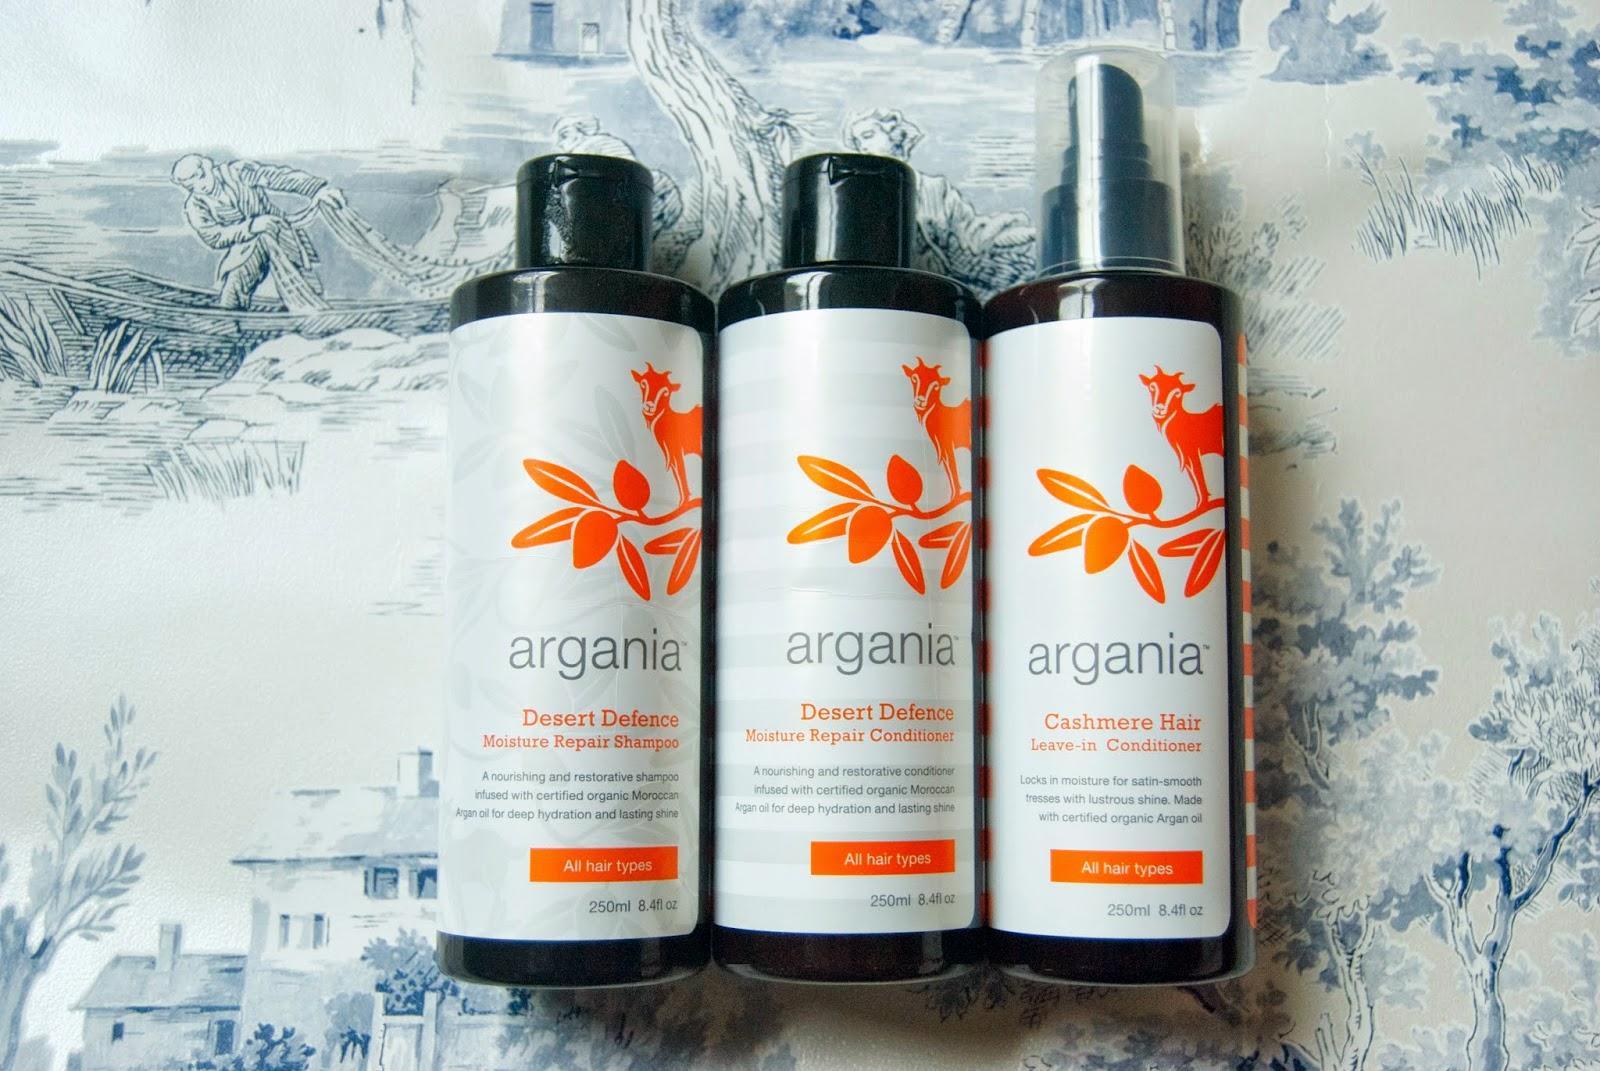 Review Argania shampoo and conditioner